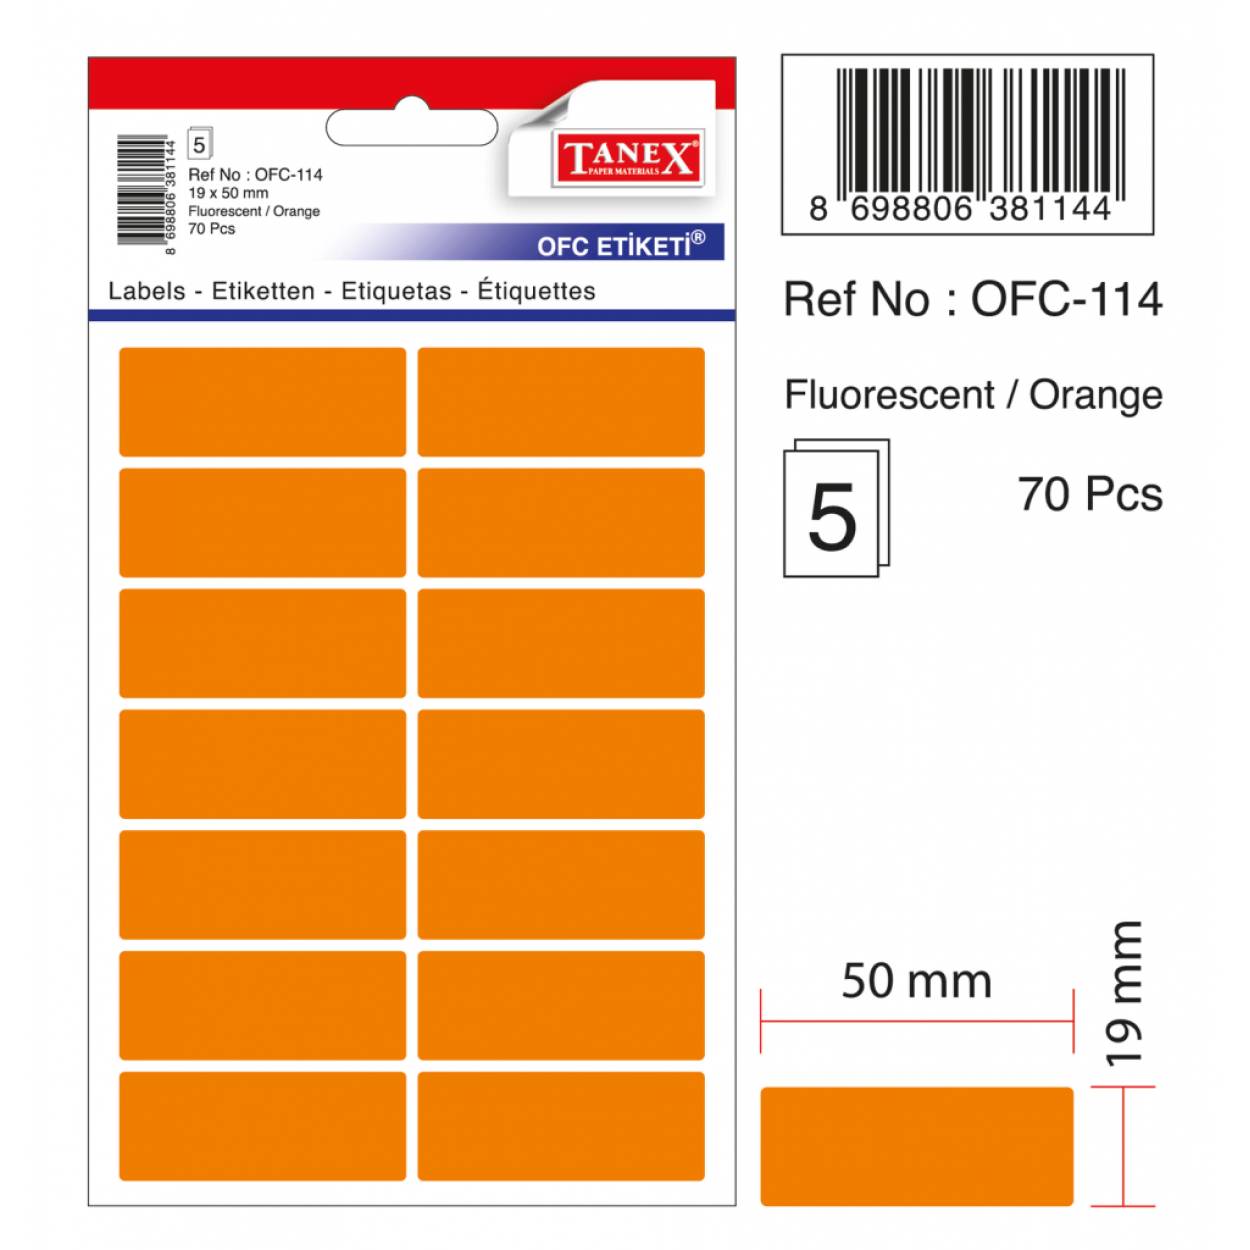 Tanex Ofc-114 Flo Turuncu Ofis Etiketi